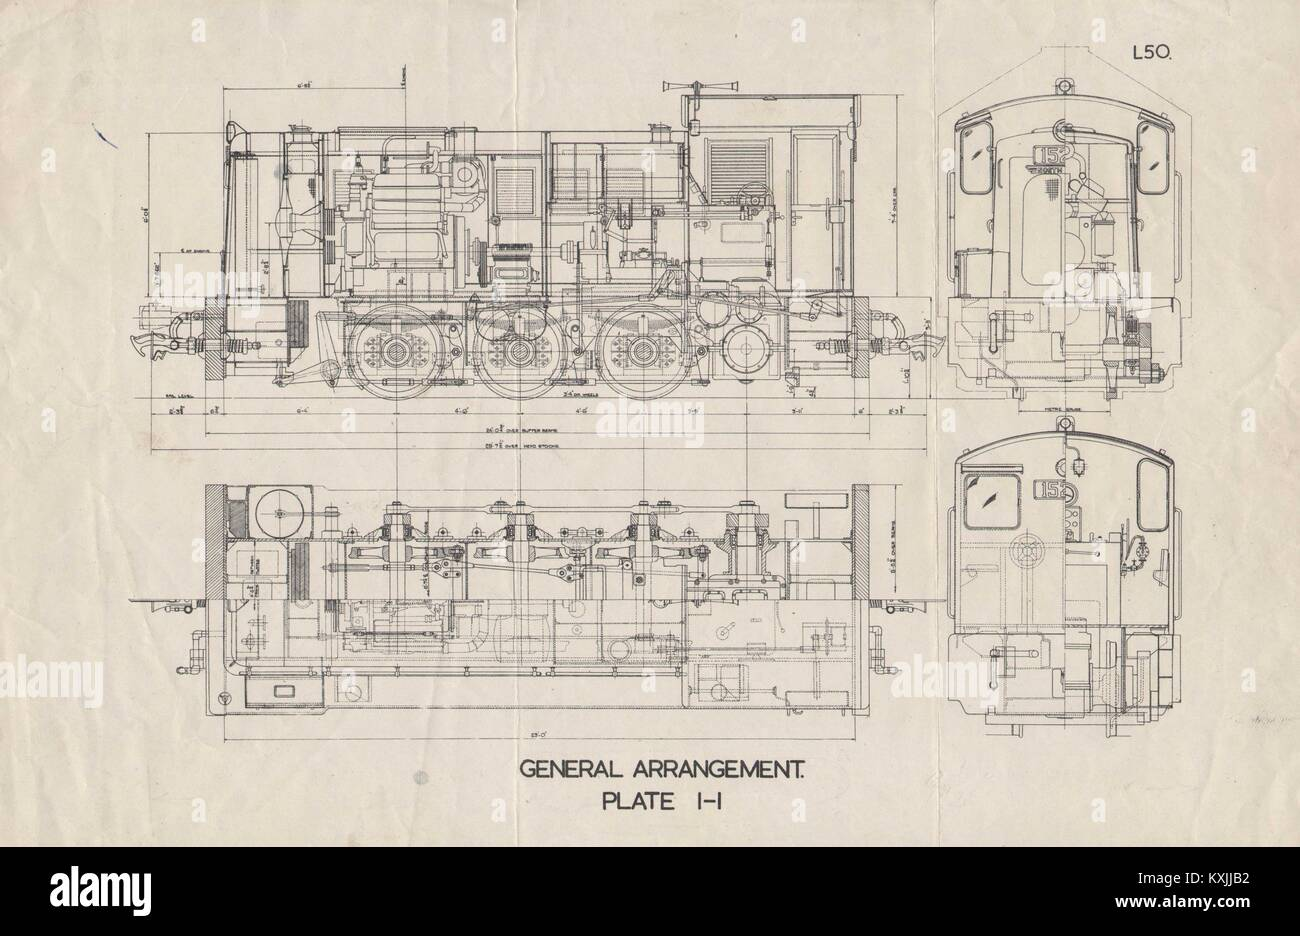 Lokomotive Plan abschnitt Zeichnung. Platte I-I. L 50. Meterspur. Bahn Bahn 1930 Stockfoto